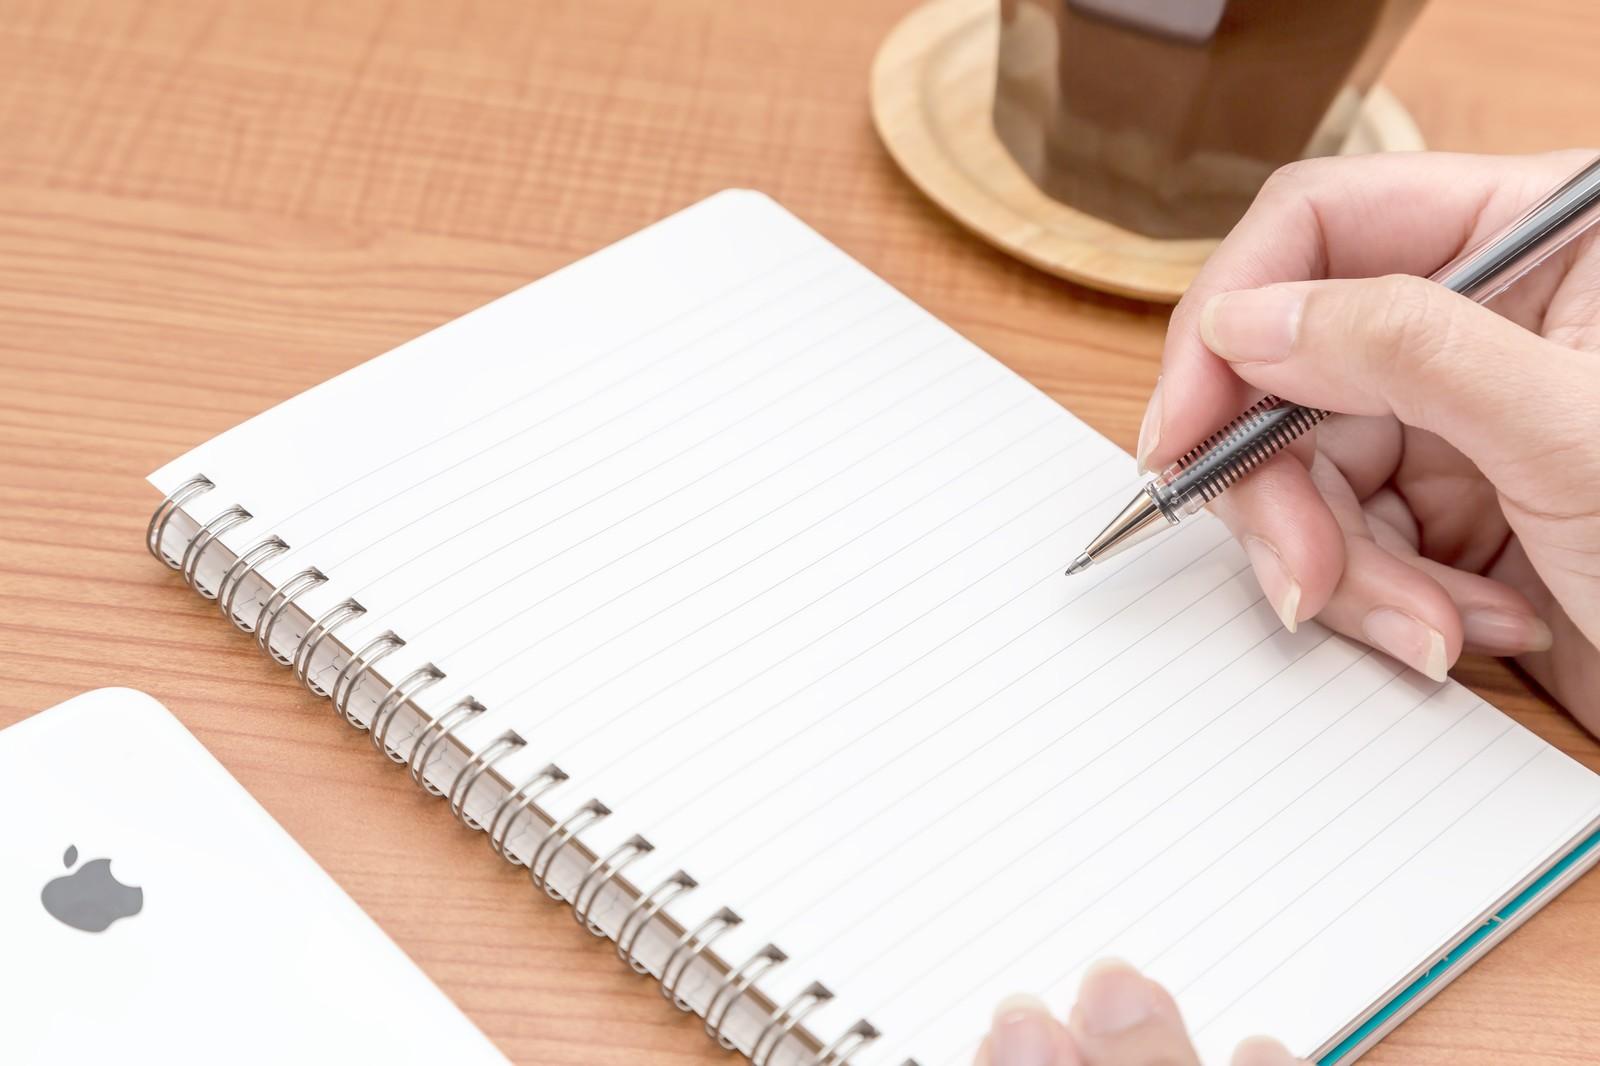 エントリーシートが書けない!そんな方でもスラスラ書けるようになるコツ